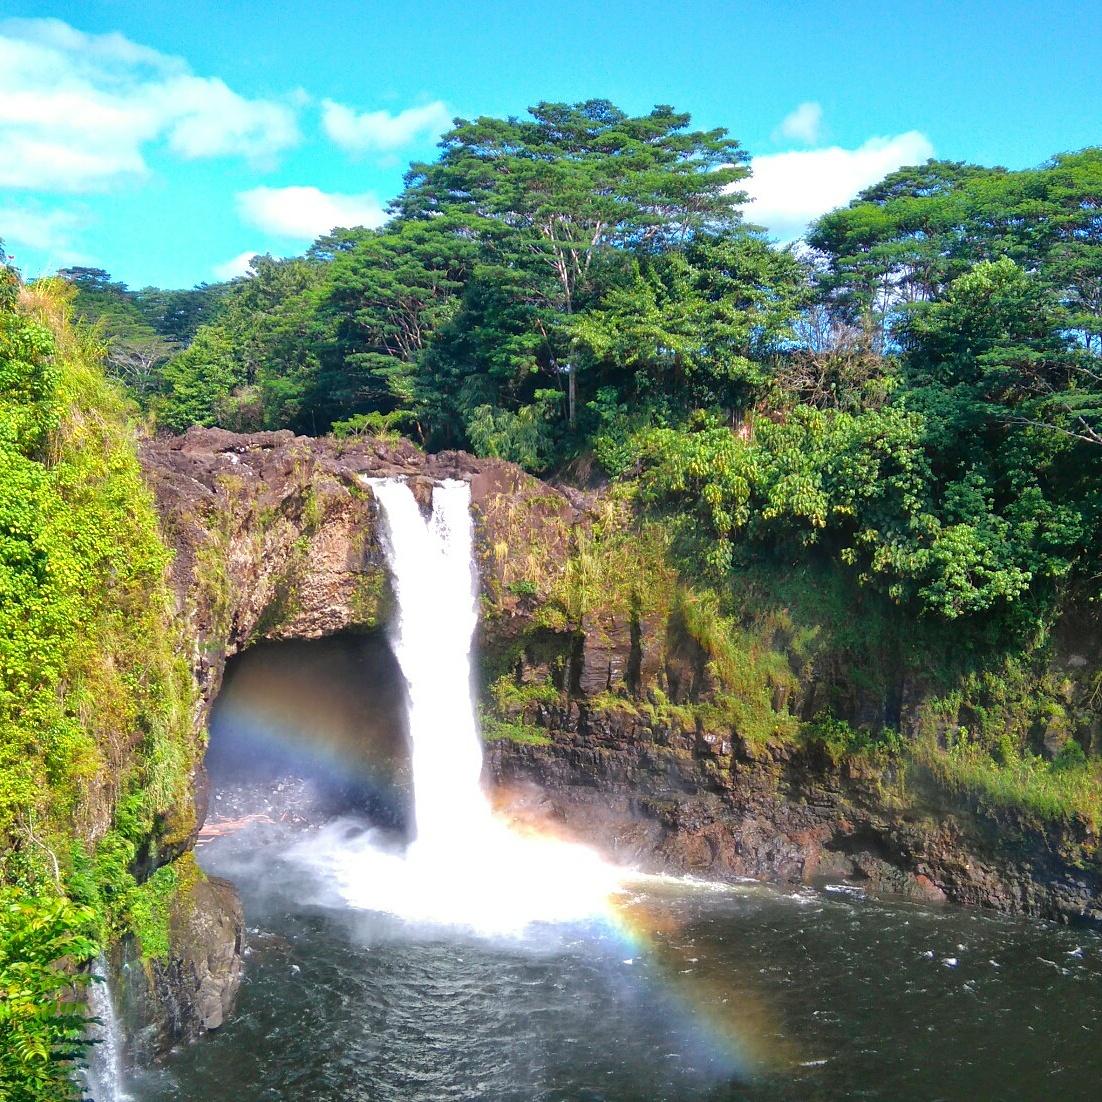 The Rainbow Falls in Hilo, Hawaii